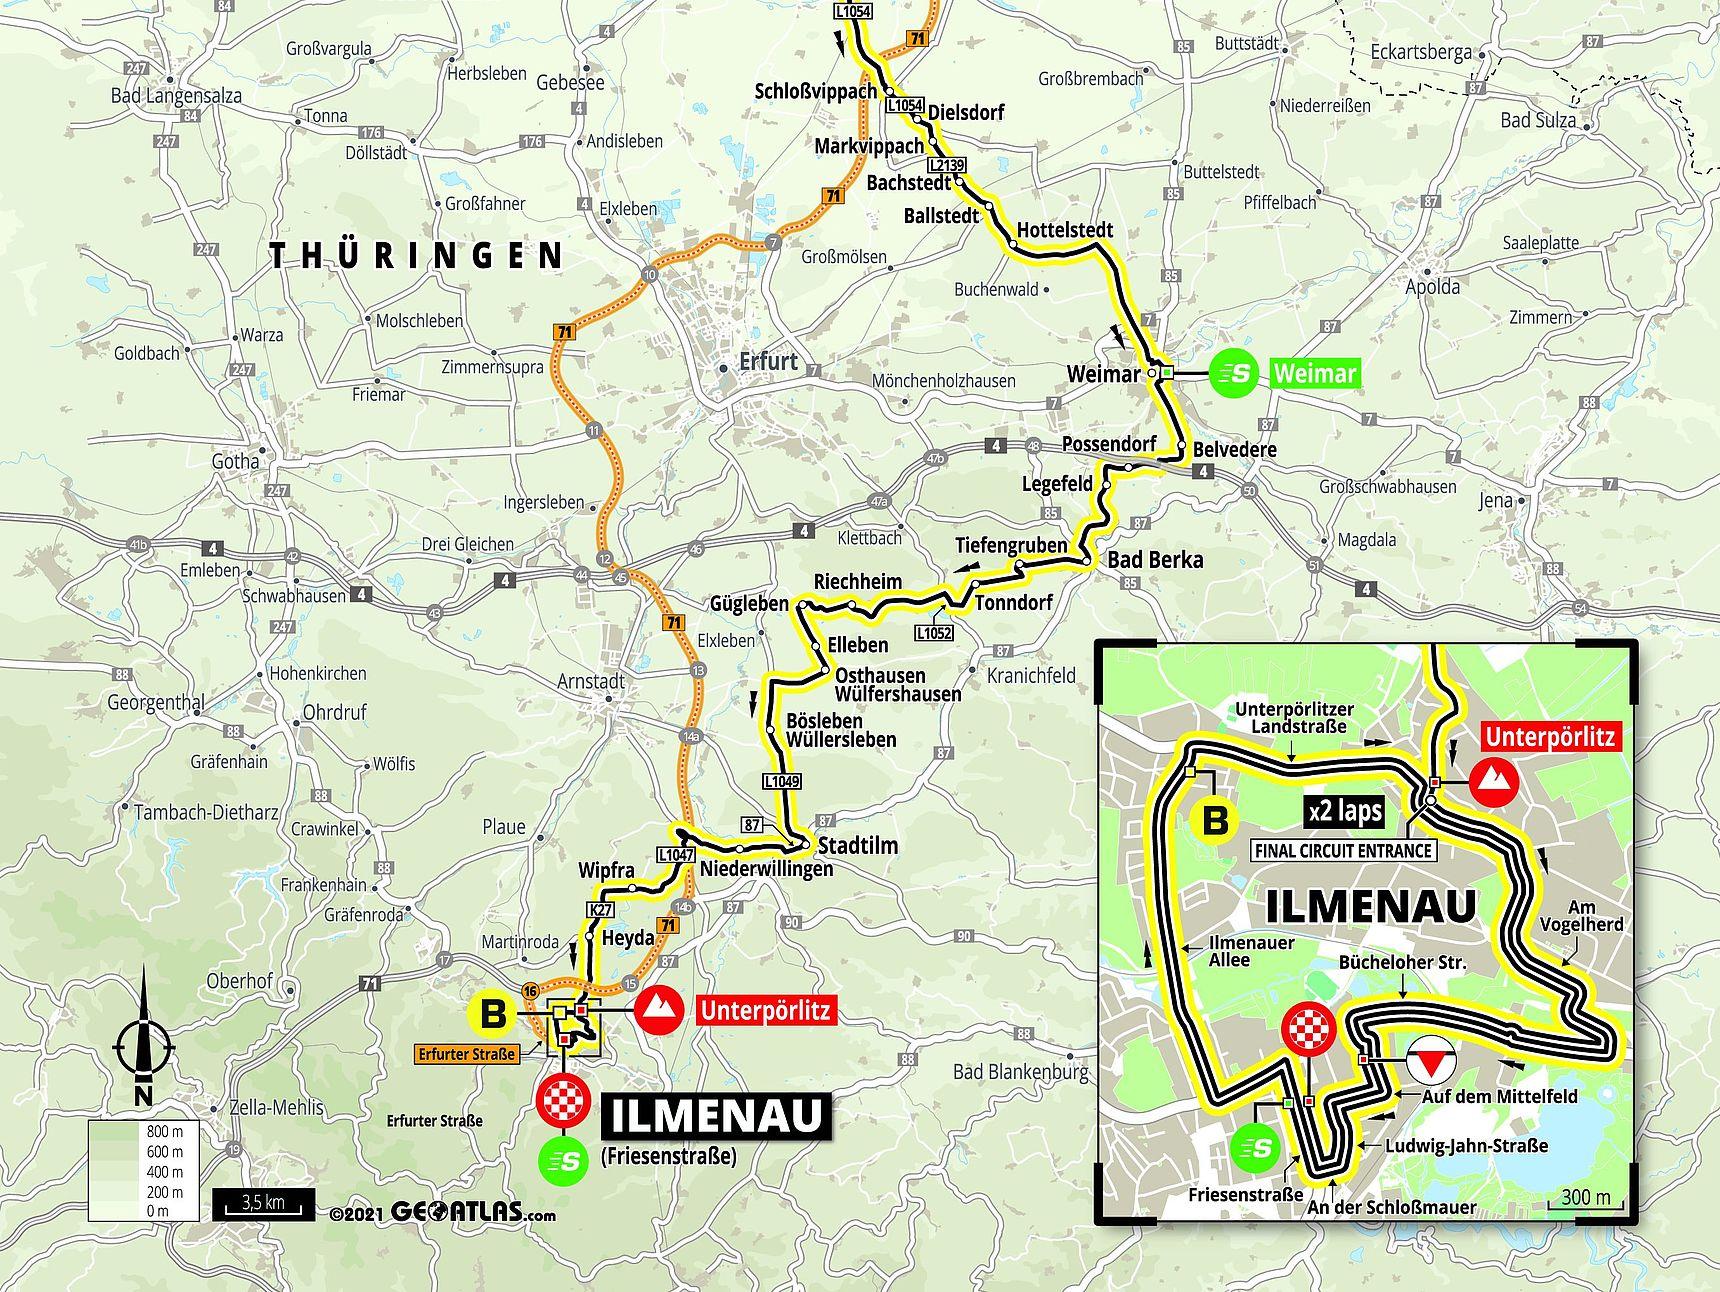 [Translate to English:] Streckenkarte Etappe 2 Deutschland Tour 2021